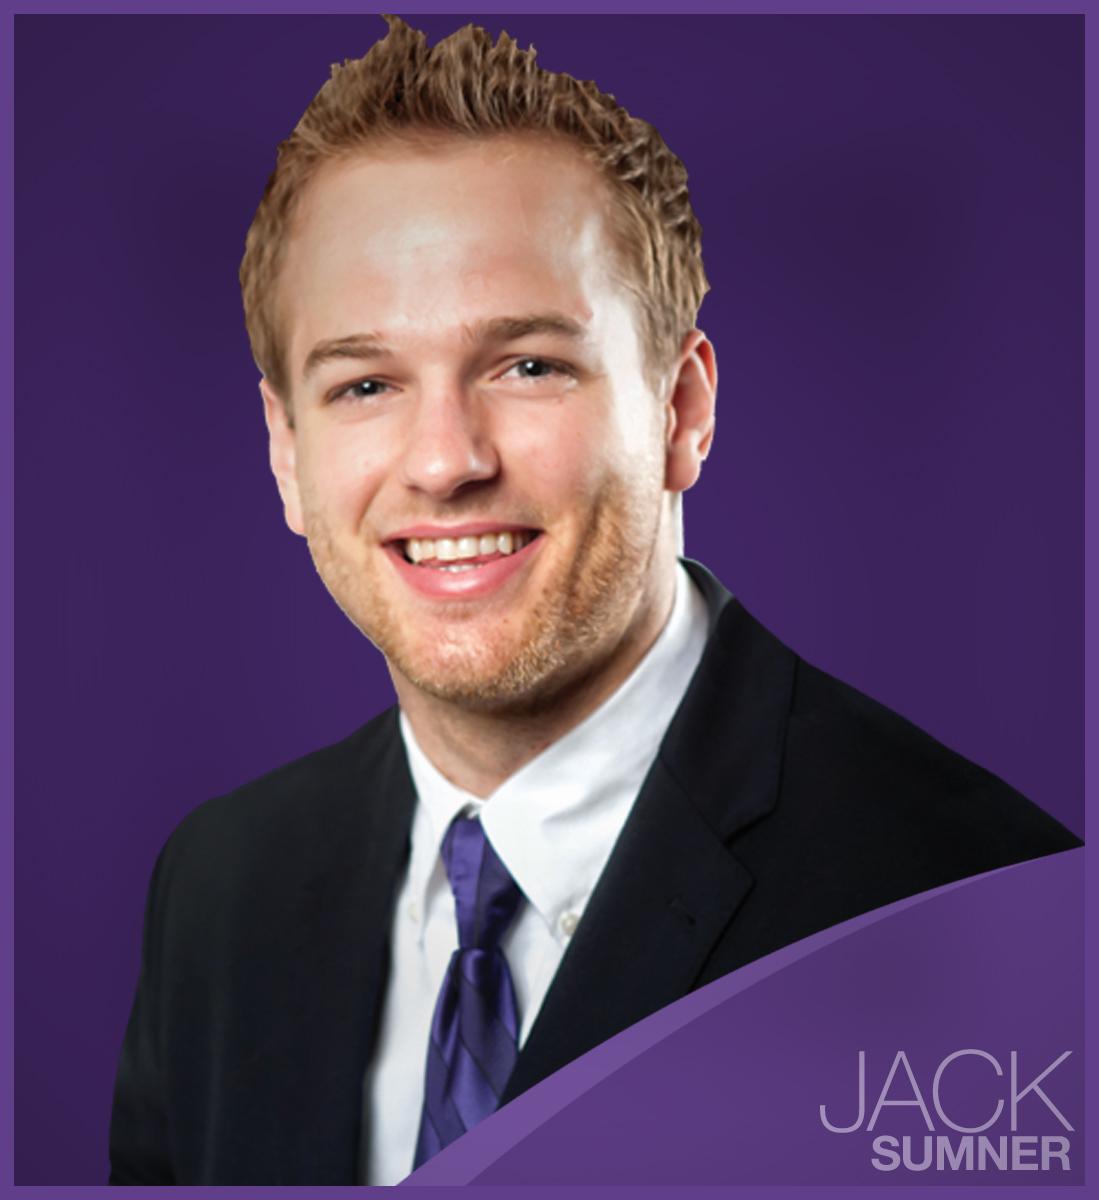 Jack Sumner